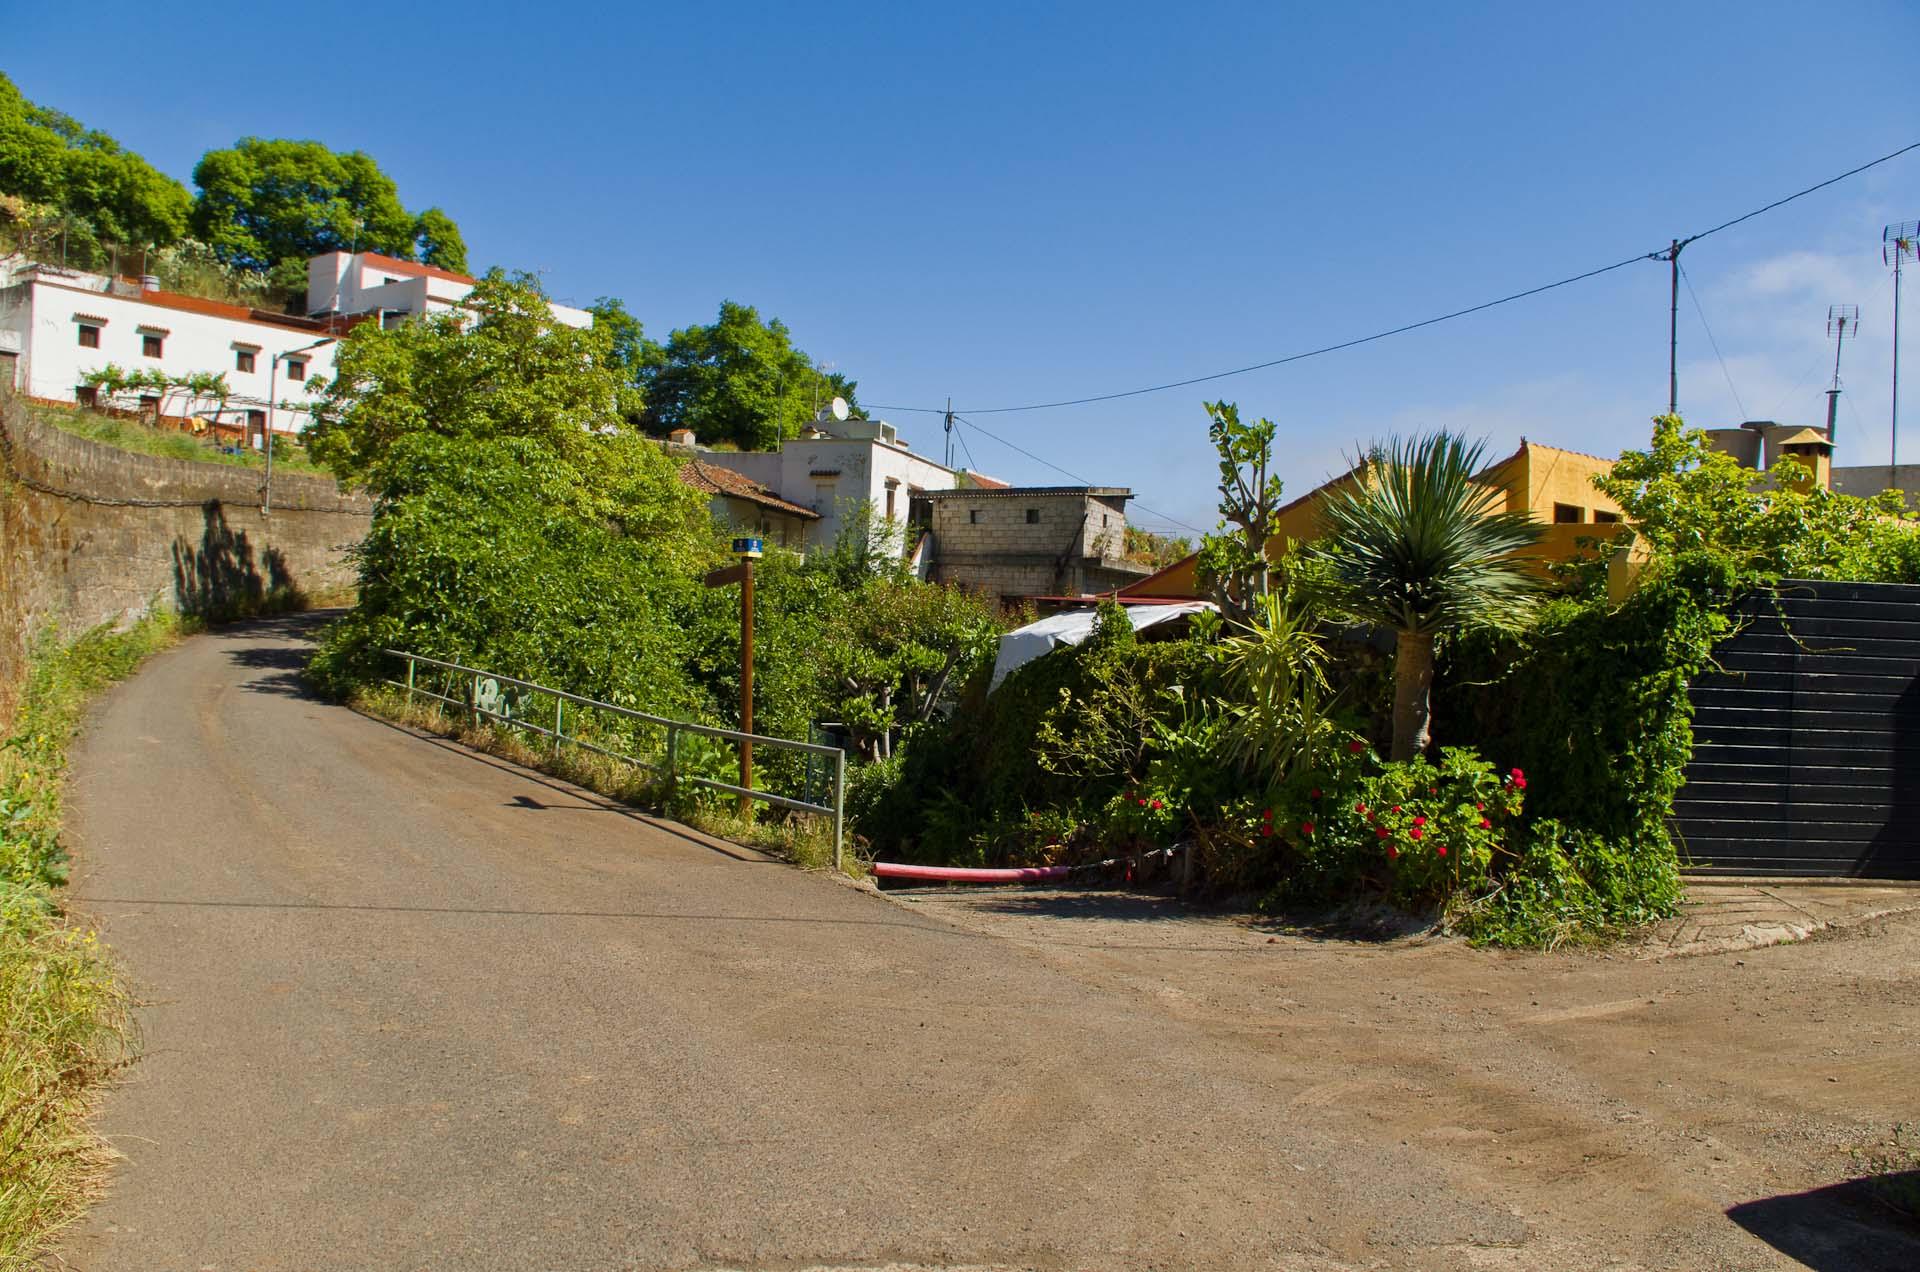 El Barranquillo